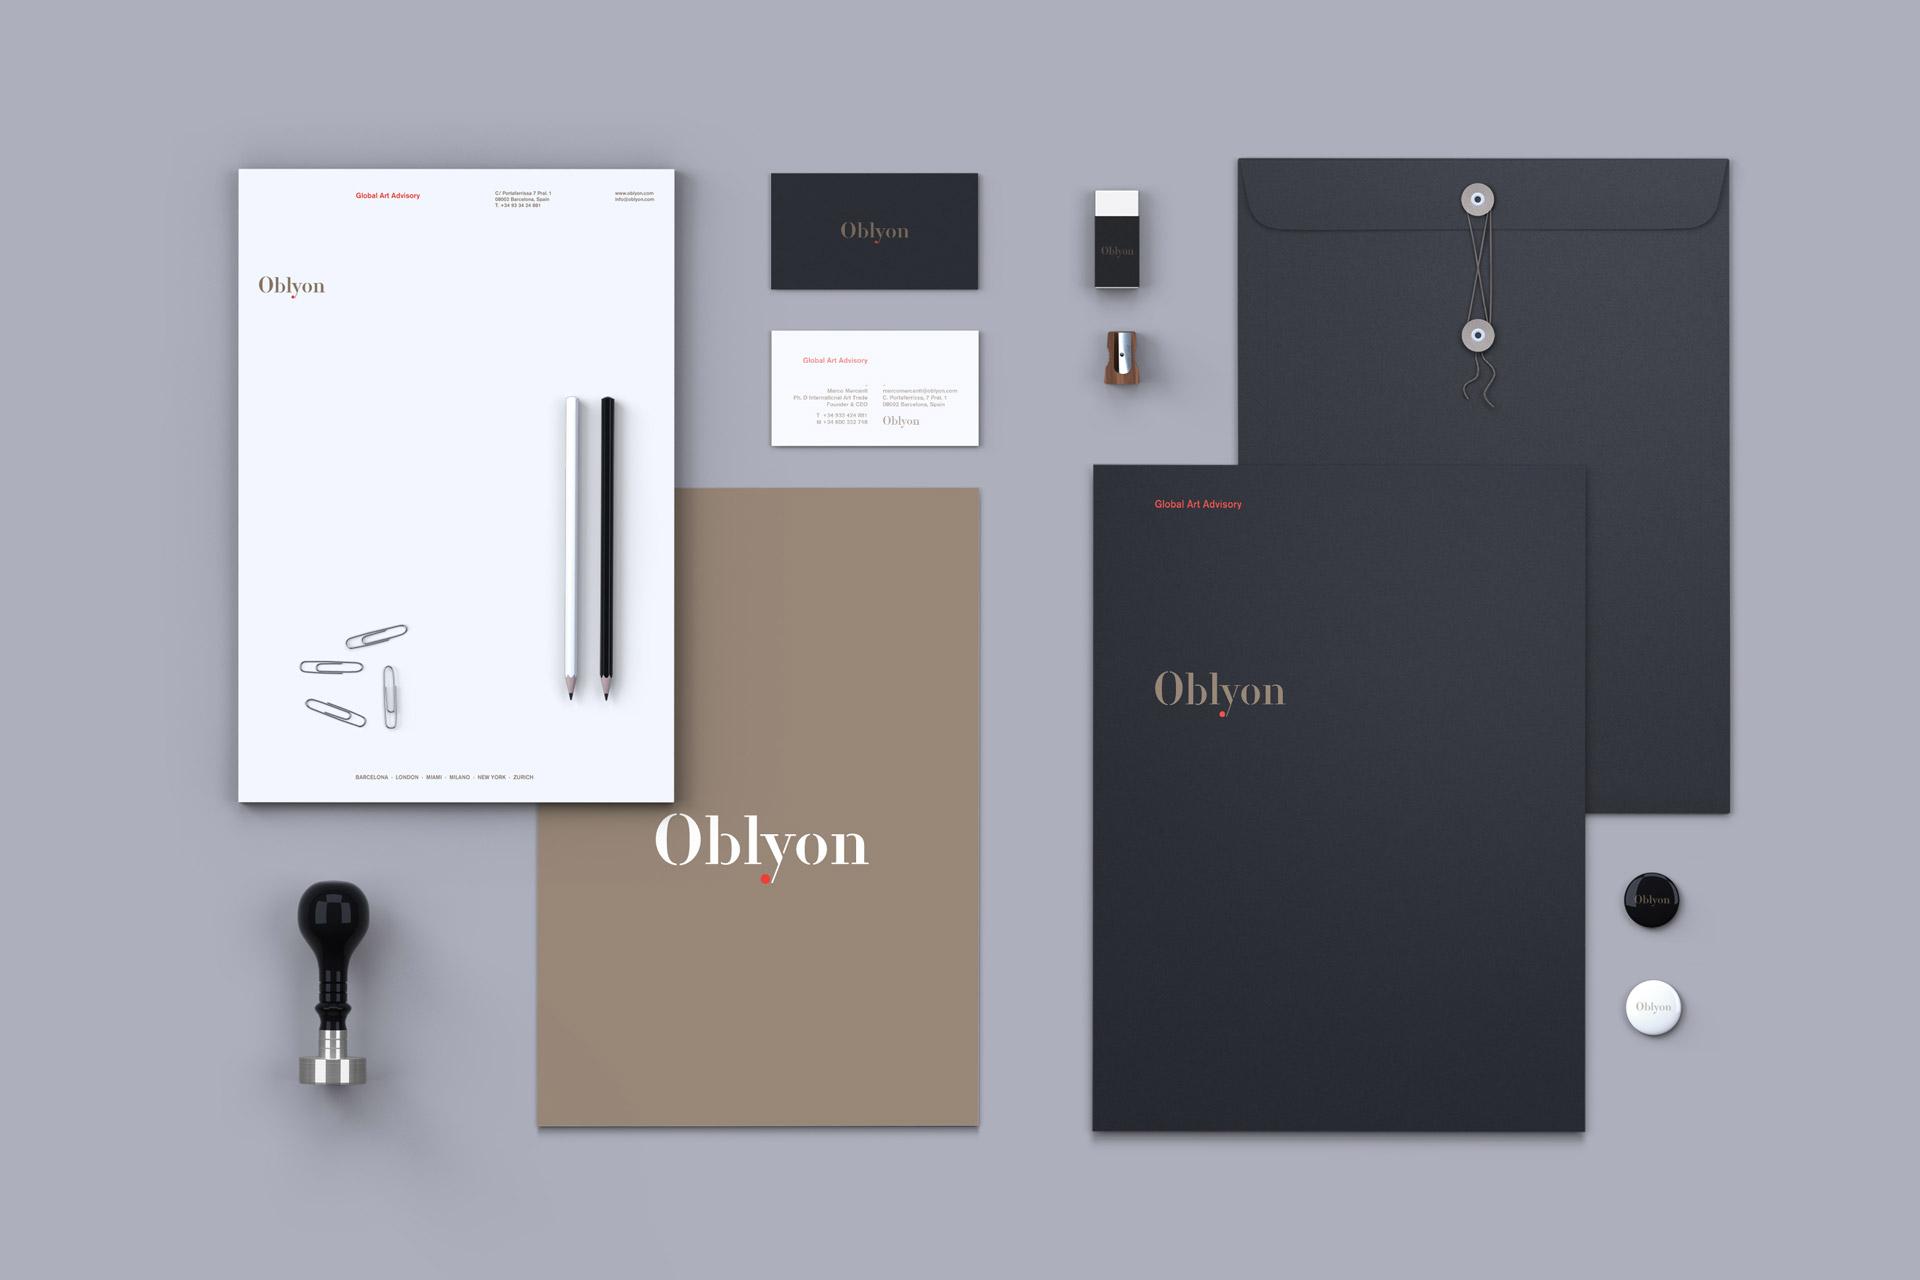 oblyon_01